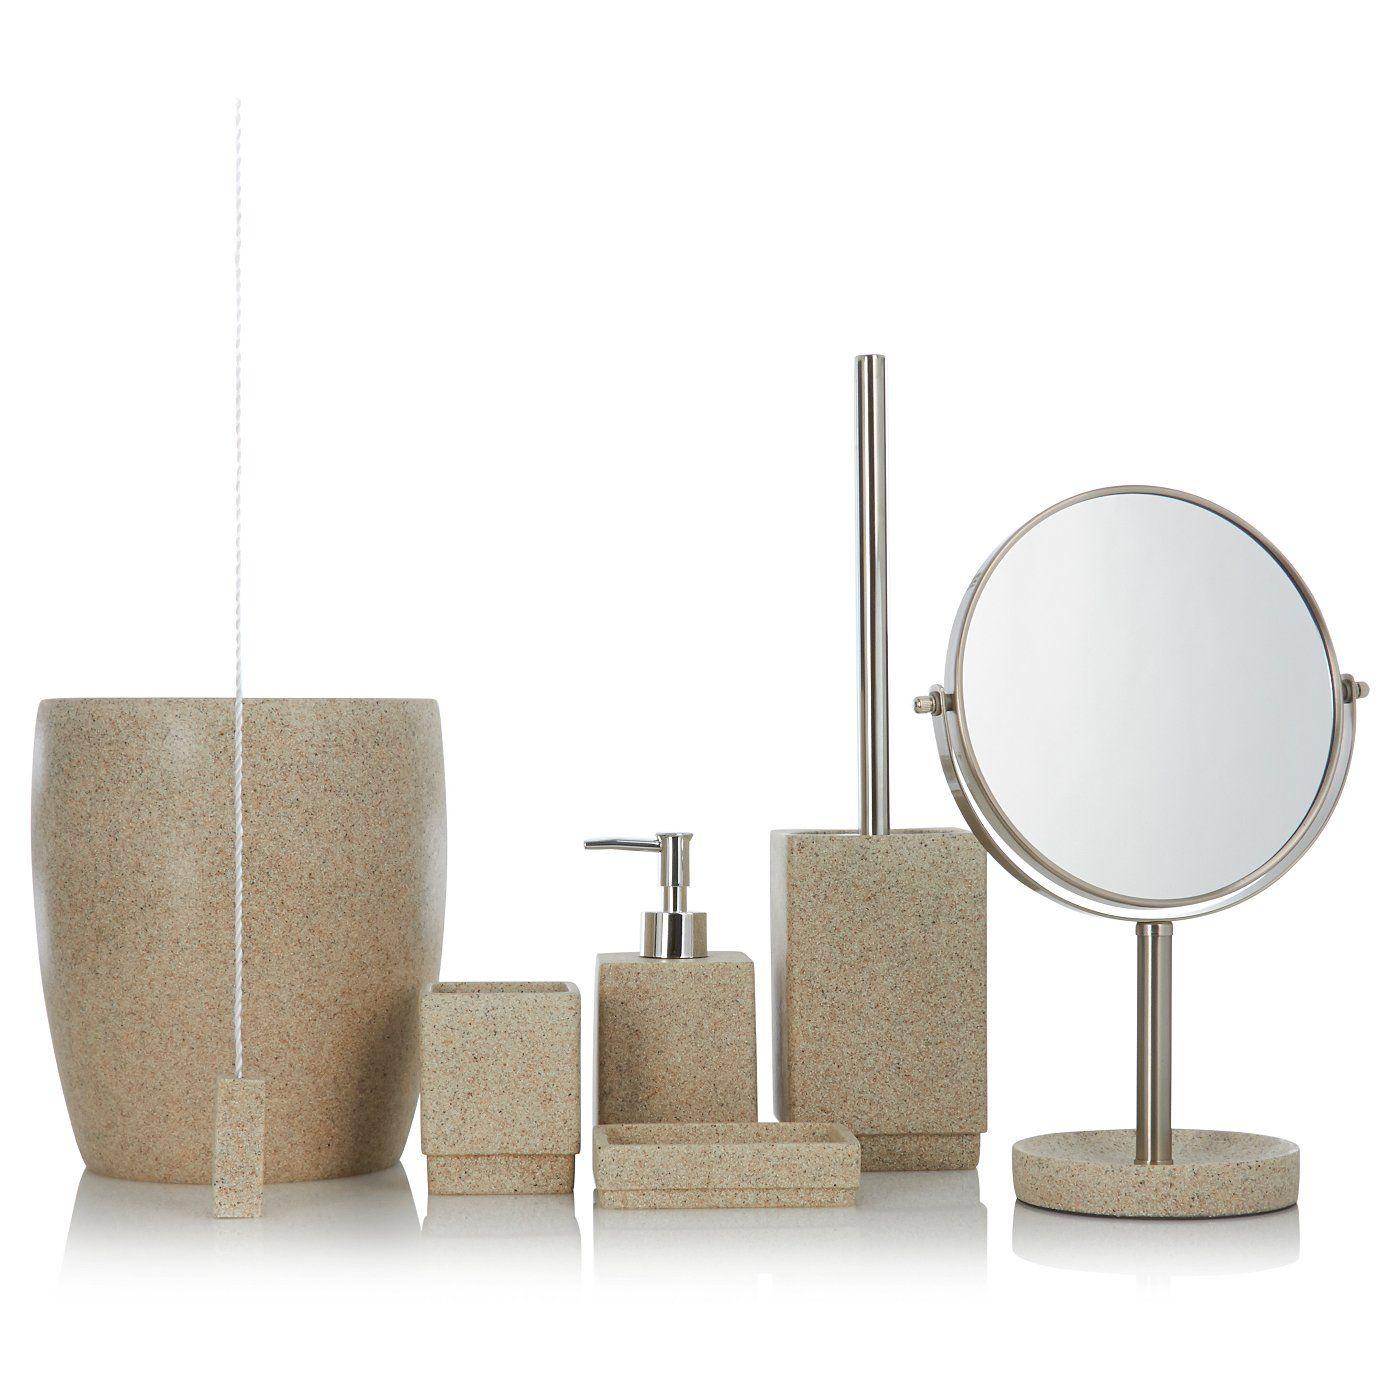 asda sandstone bathroom set - Google Search  Bathroom accessories